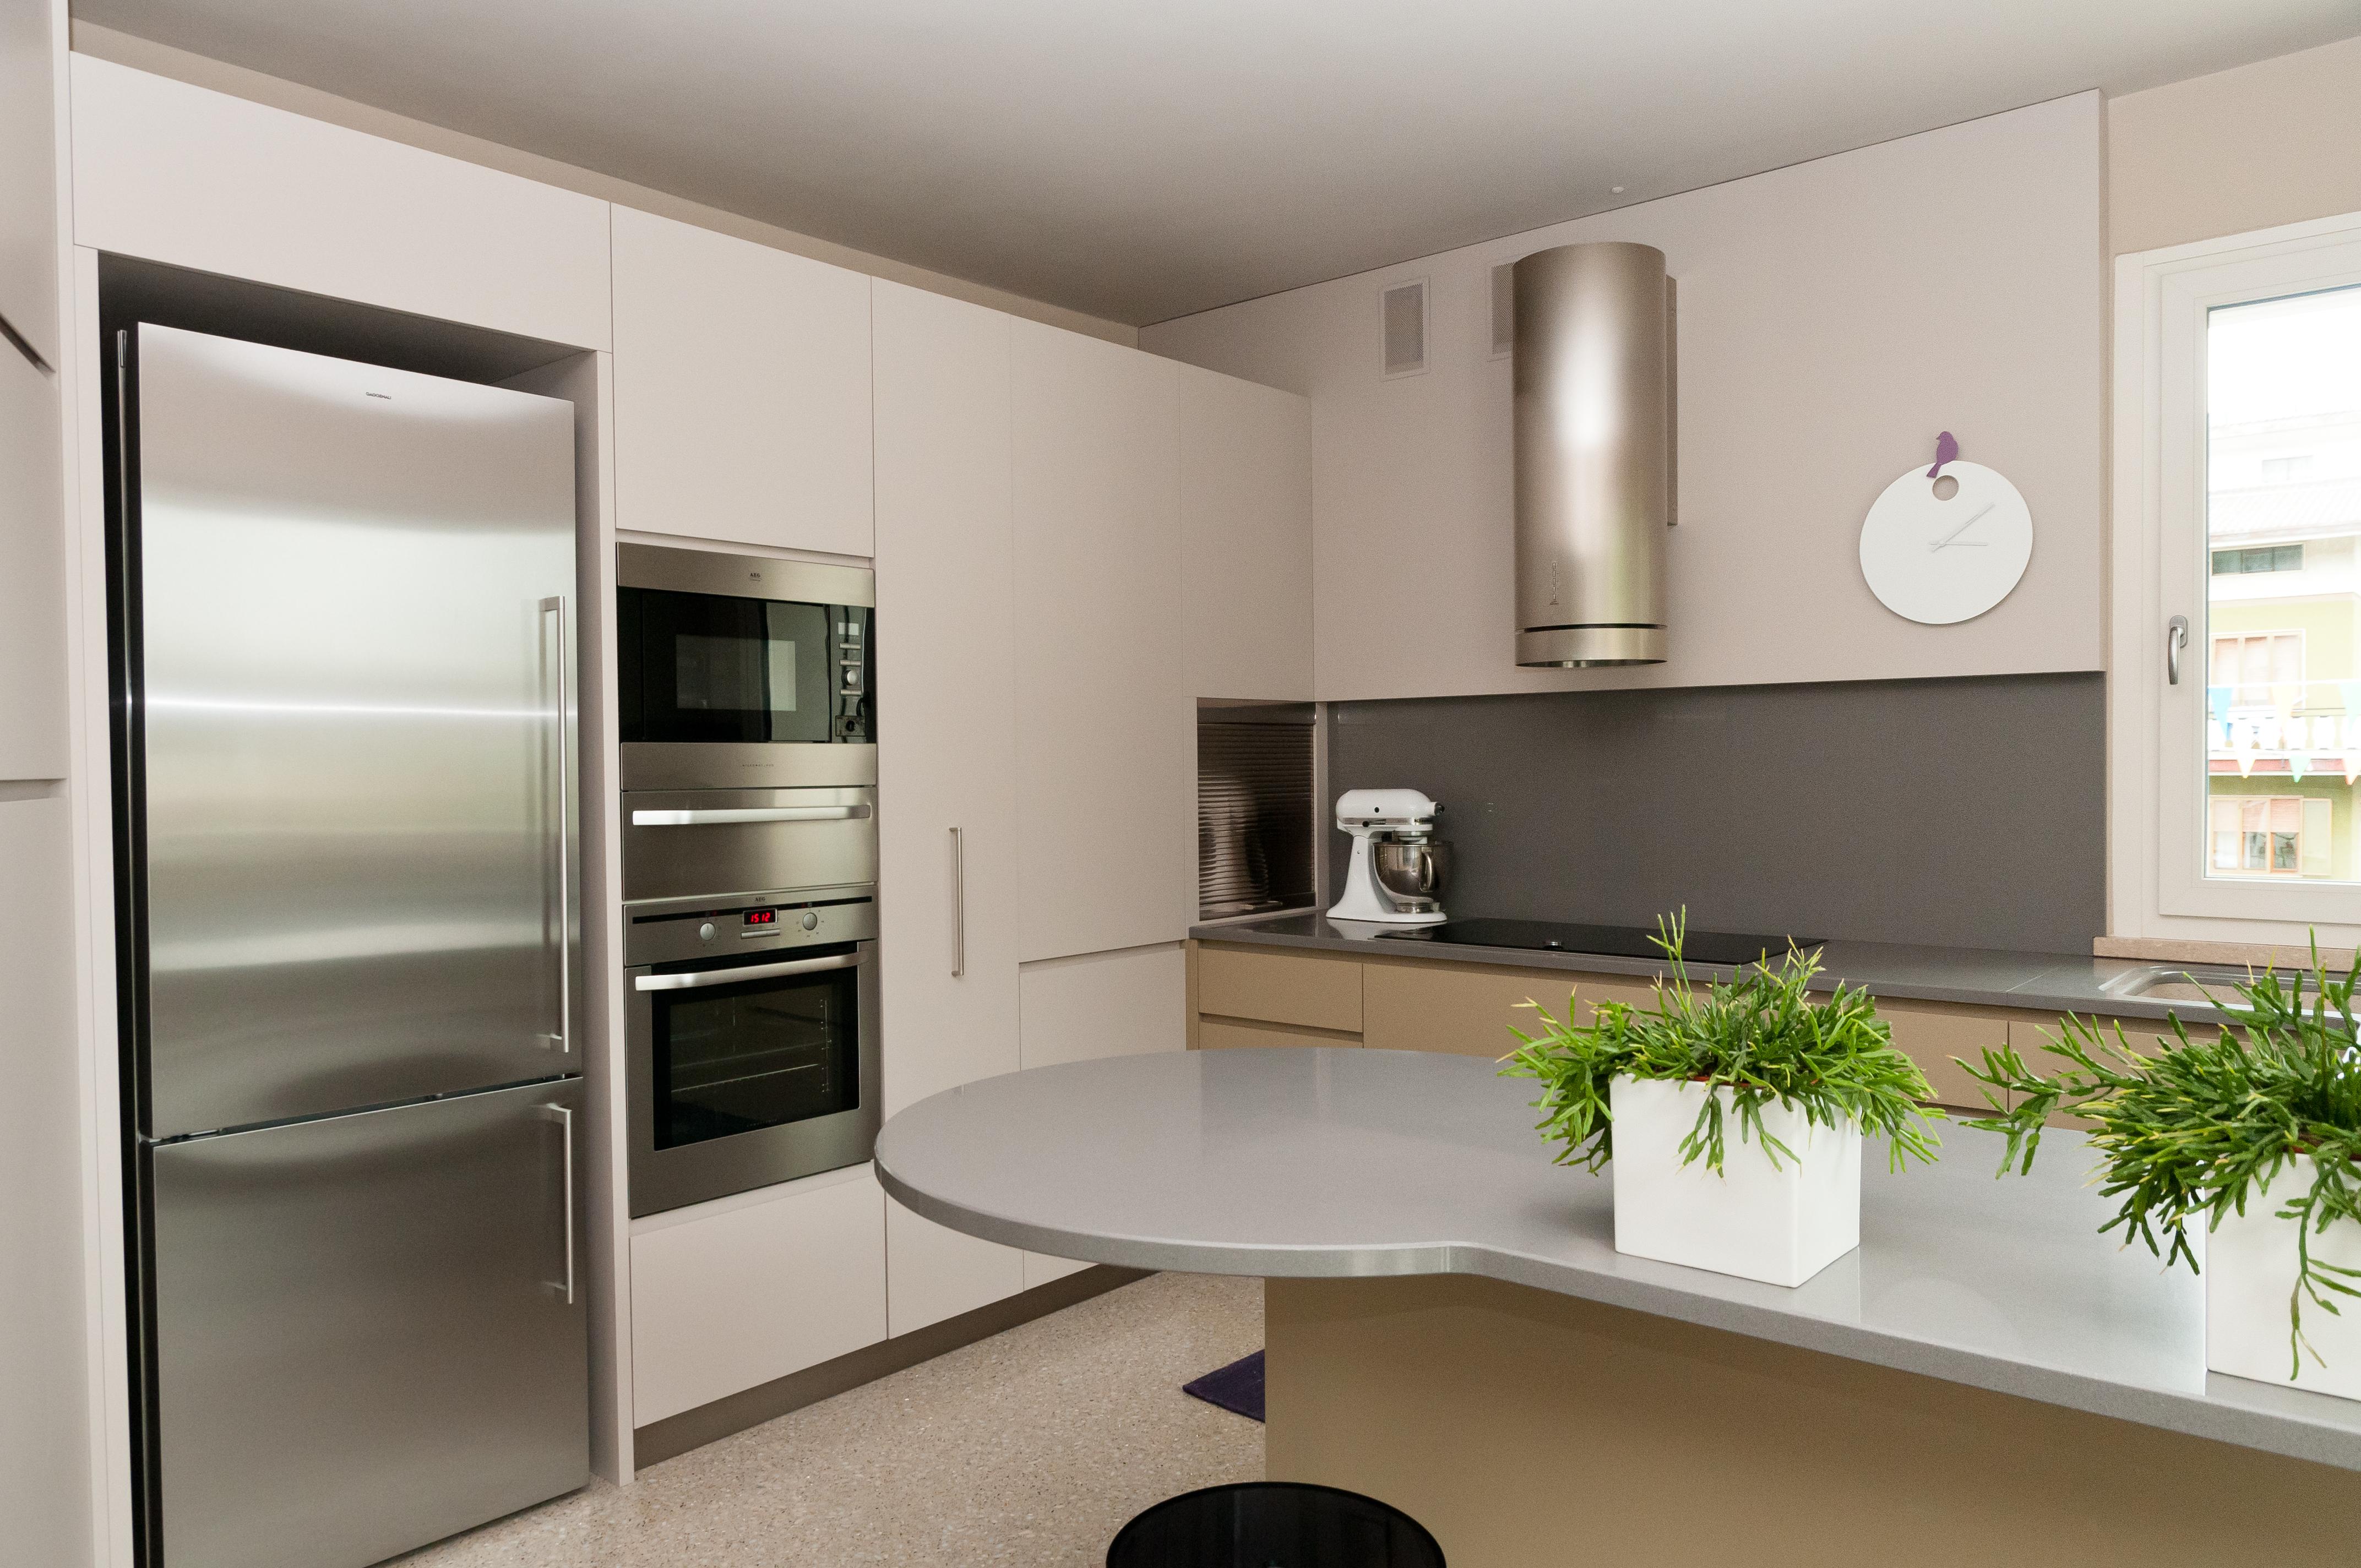 Arredamento su misura classico e moderno baldrani for Arredamento di design tedesco